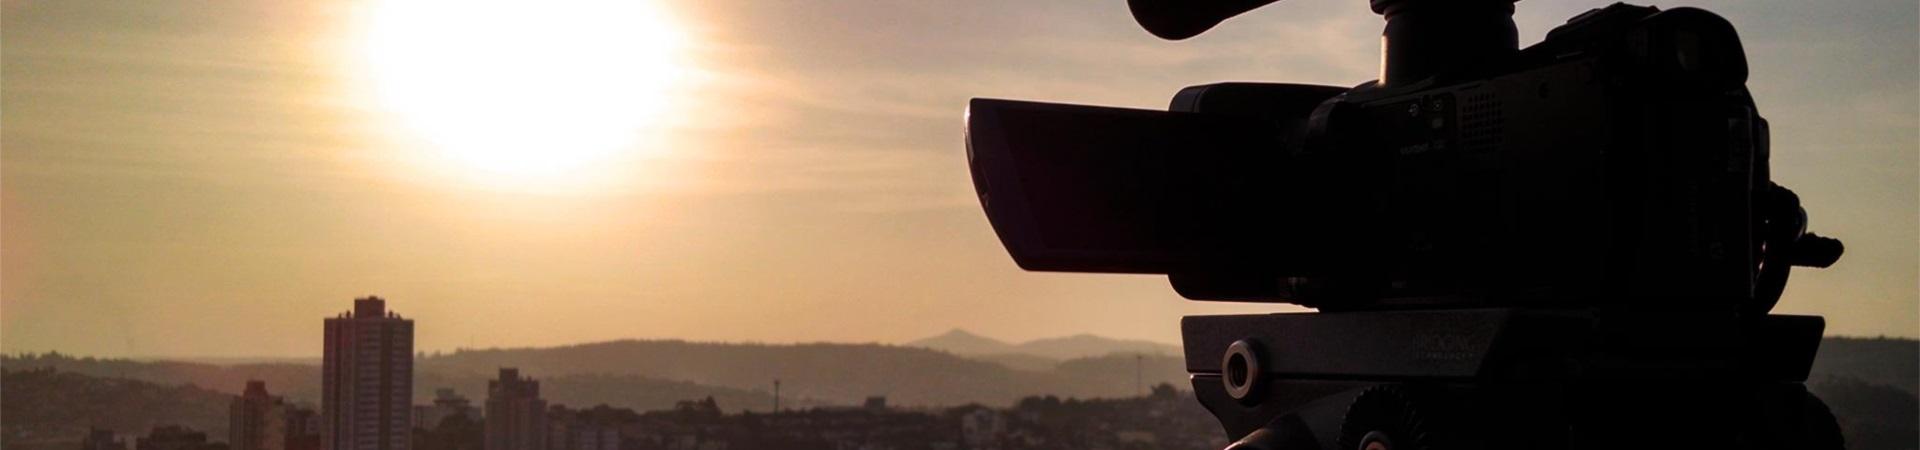 TV Feevale - vista da cidade